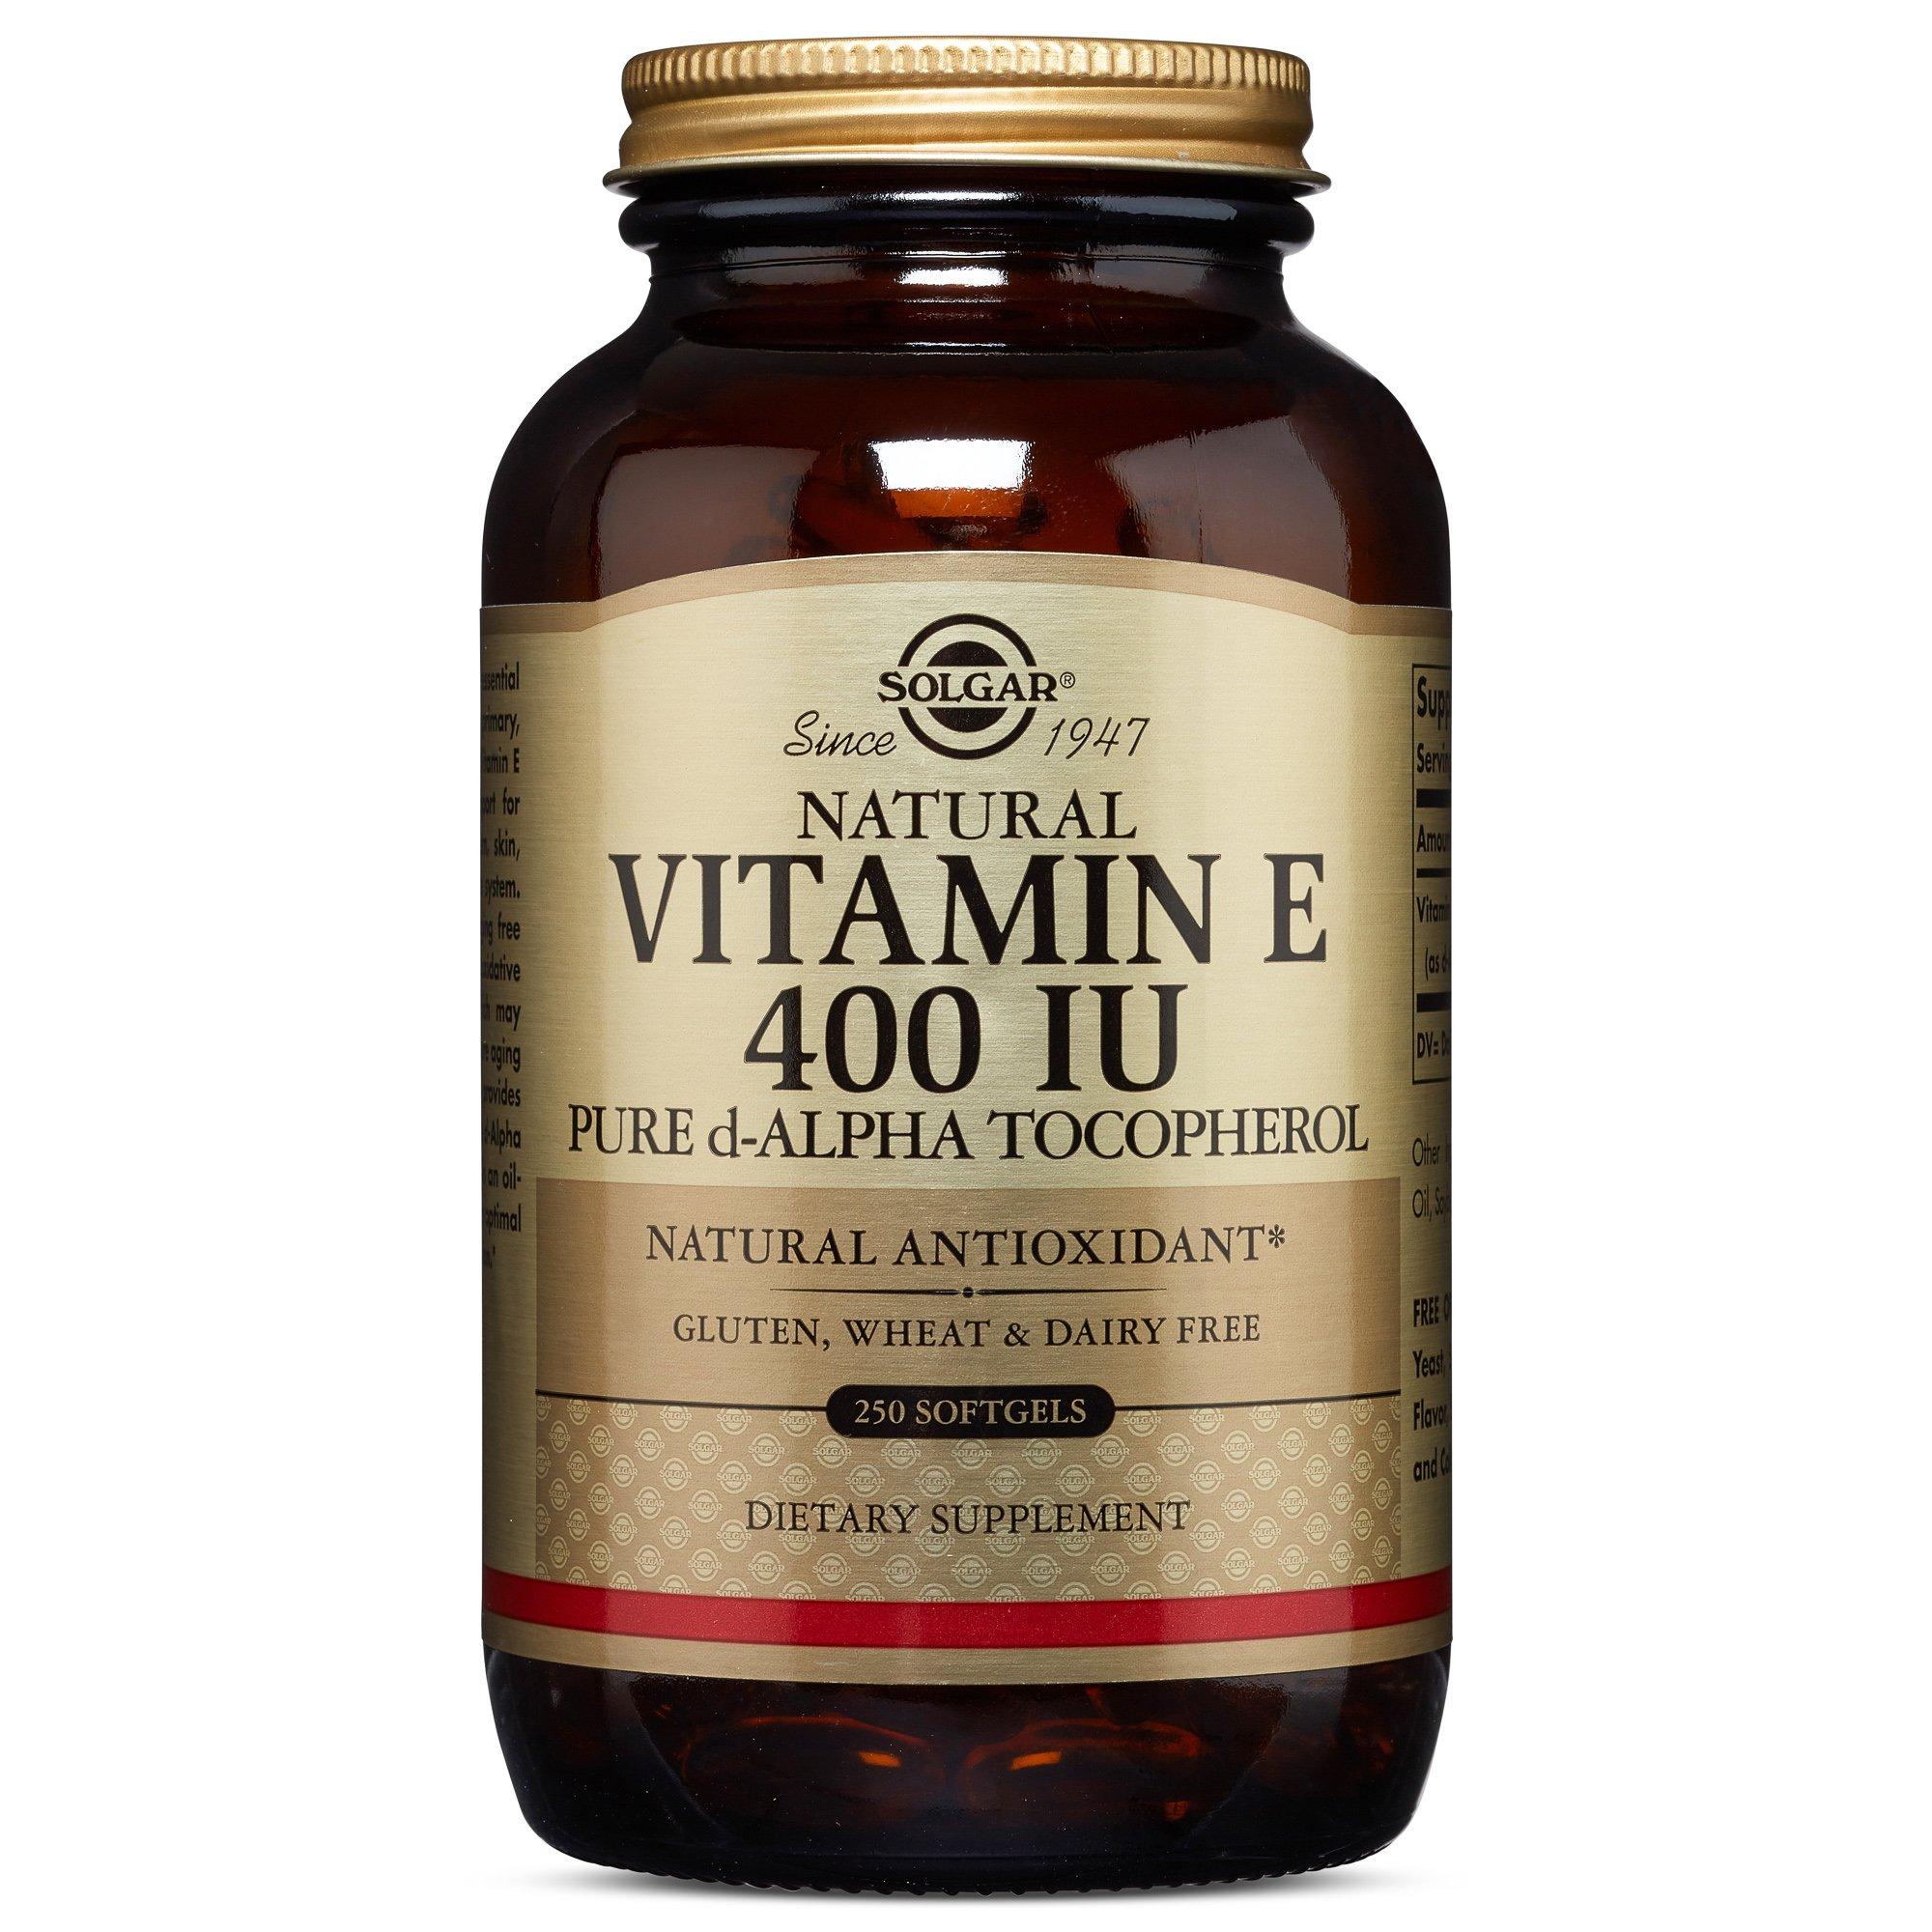 Solgar - Vitamin E 400 IU Alpha, 250 Softgels